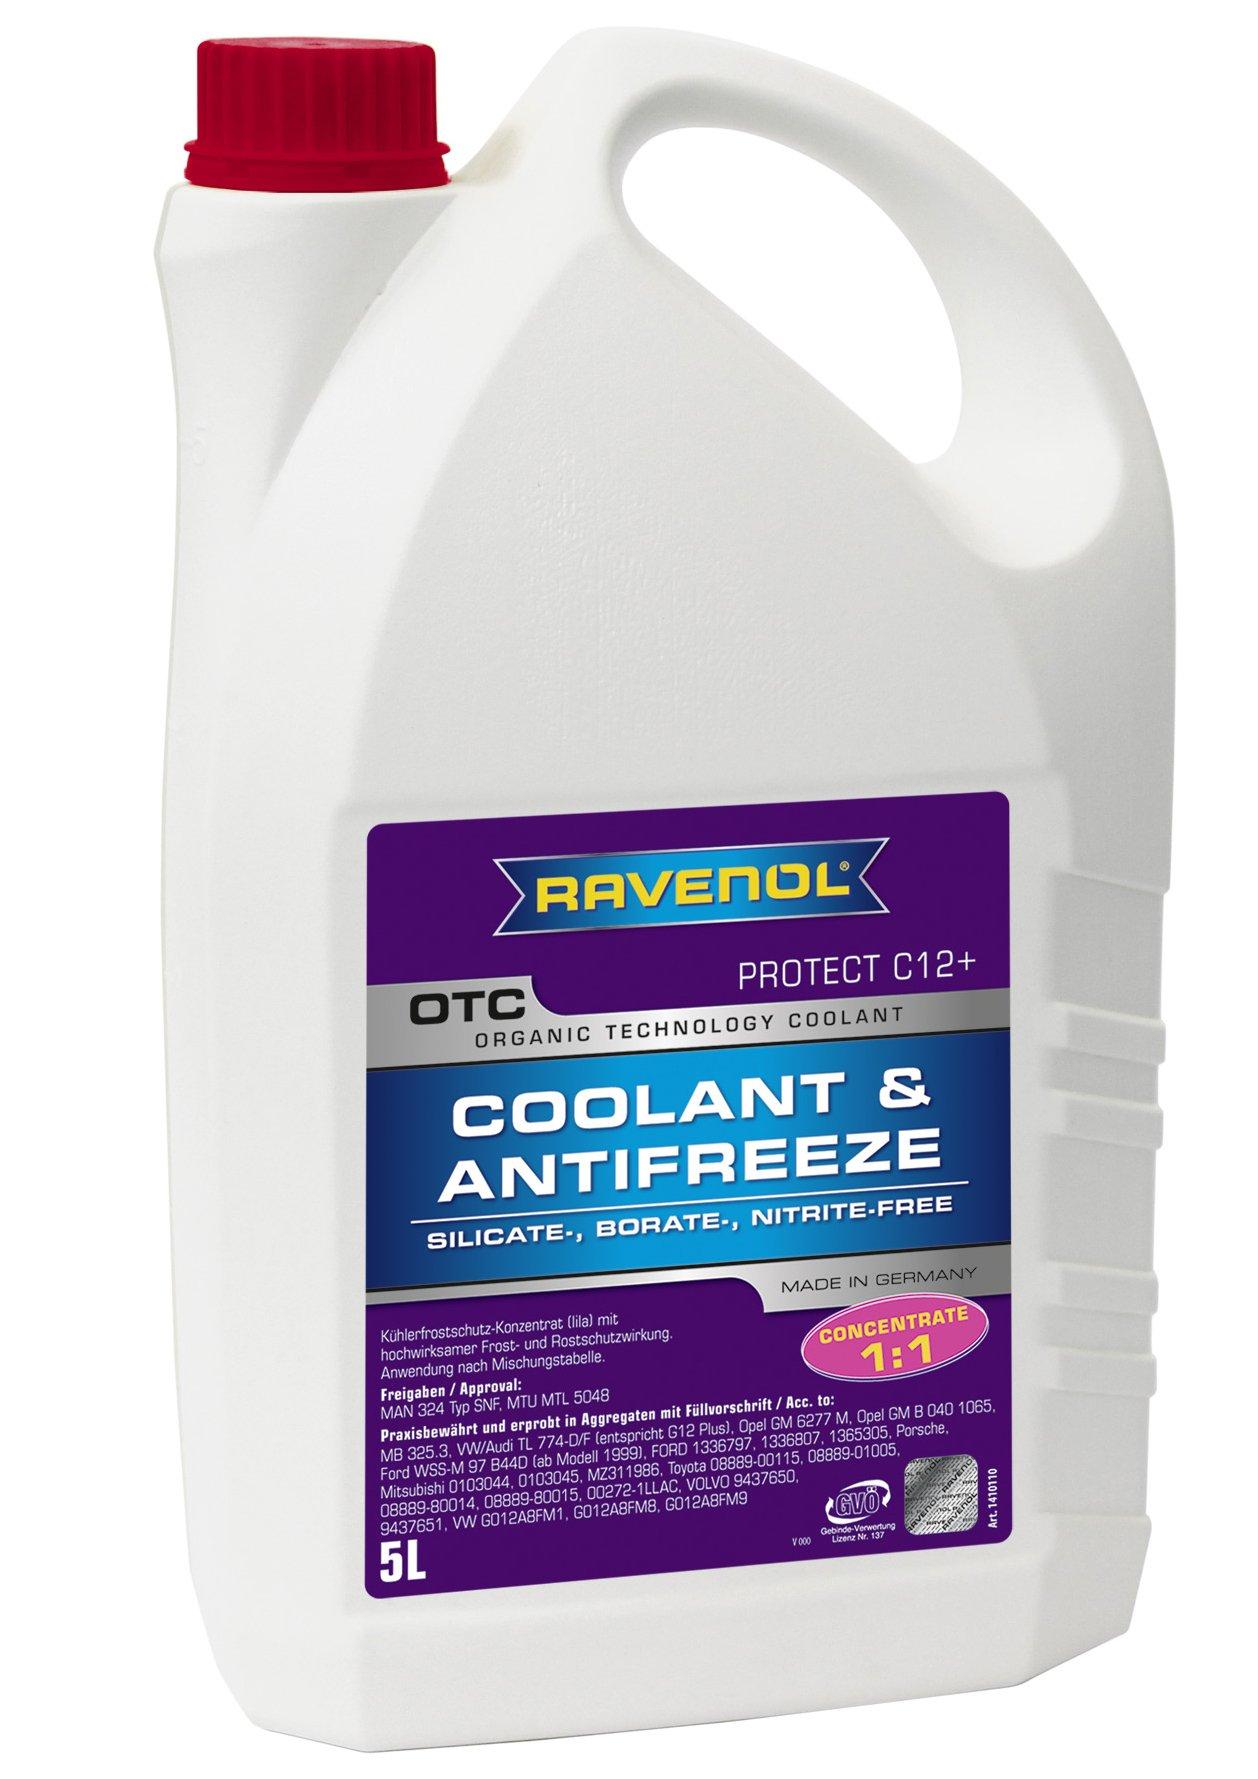 RAVENOL J4D2001 Coolant Antifreeze - OTC C12+ Concentrate VW TL 774 F (G12 Plus) (5 Liter)